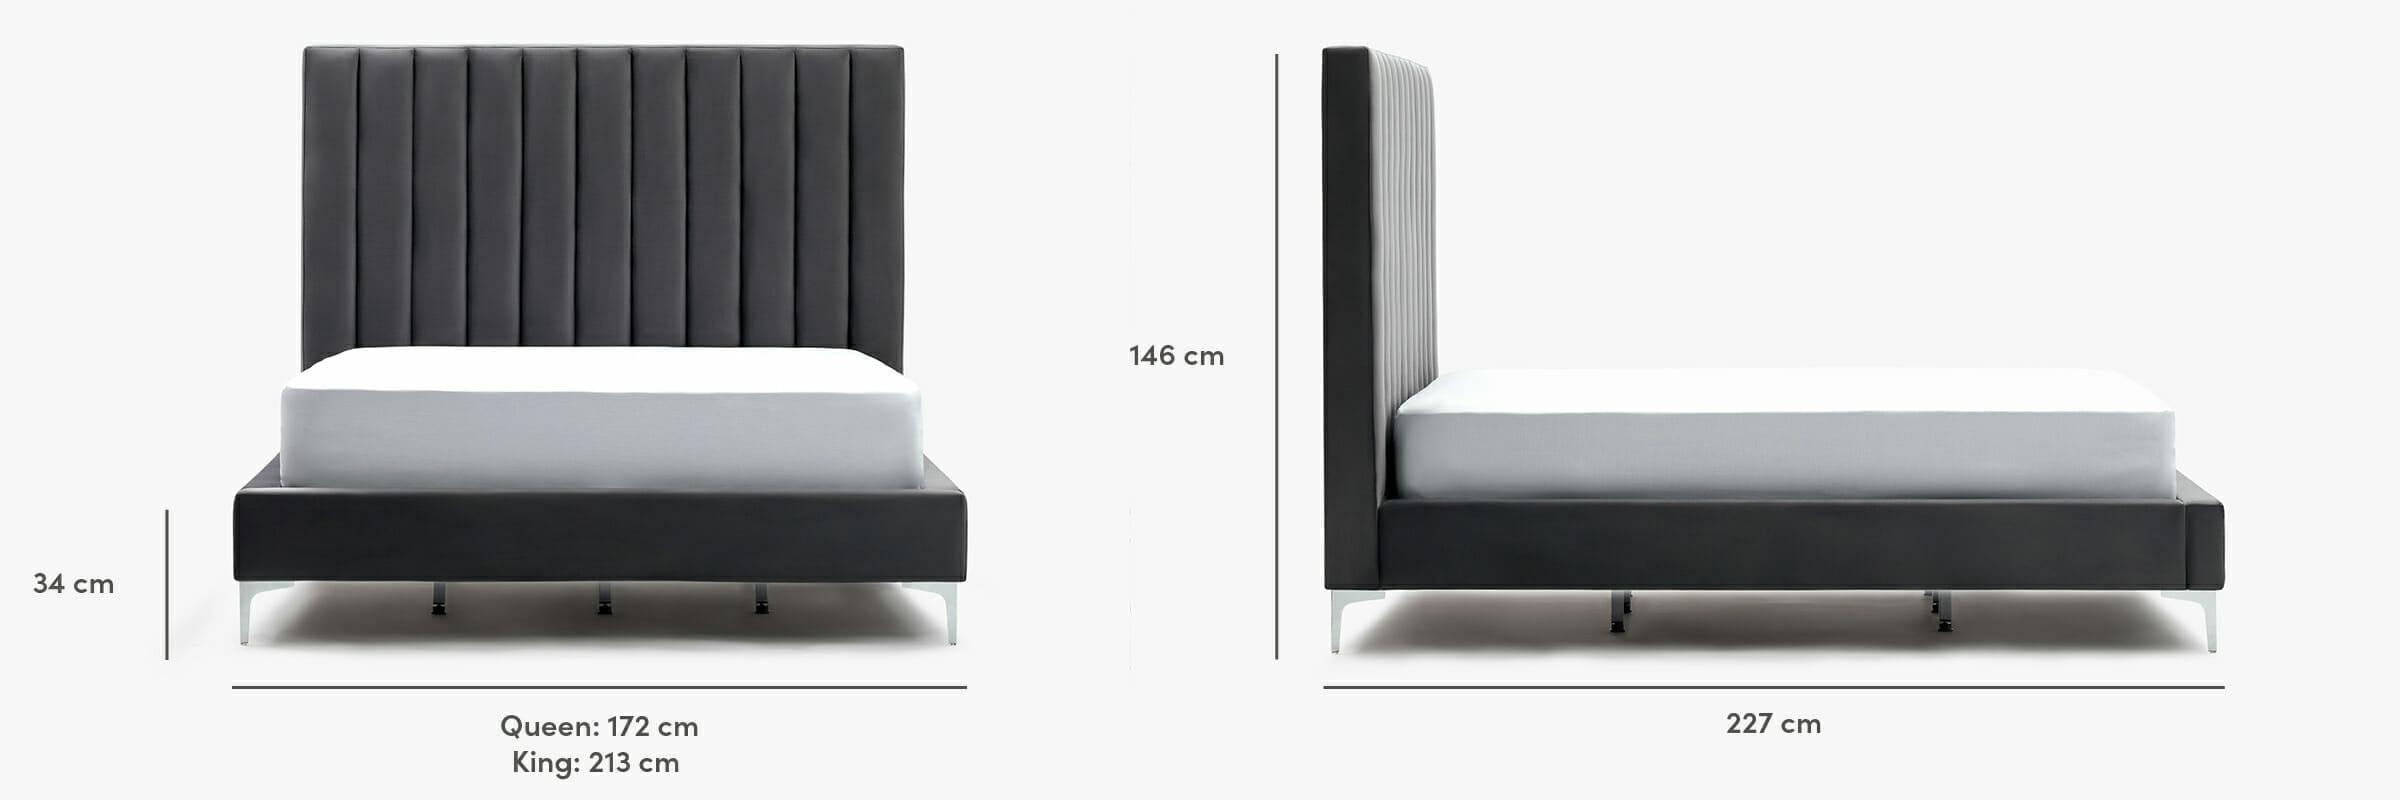 Lit en velours Parker - dimensions